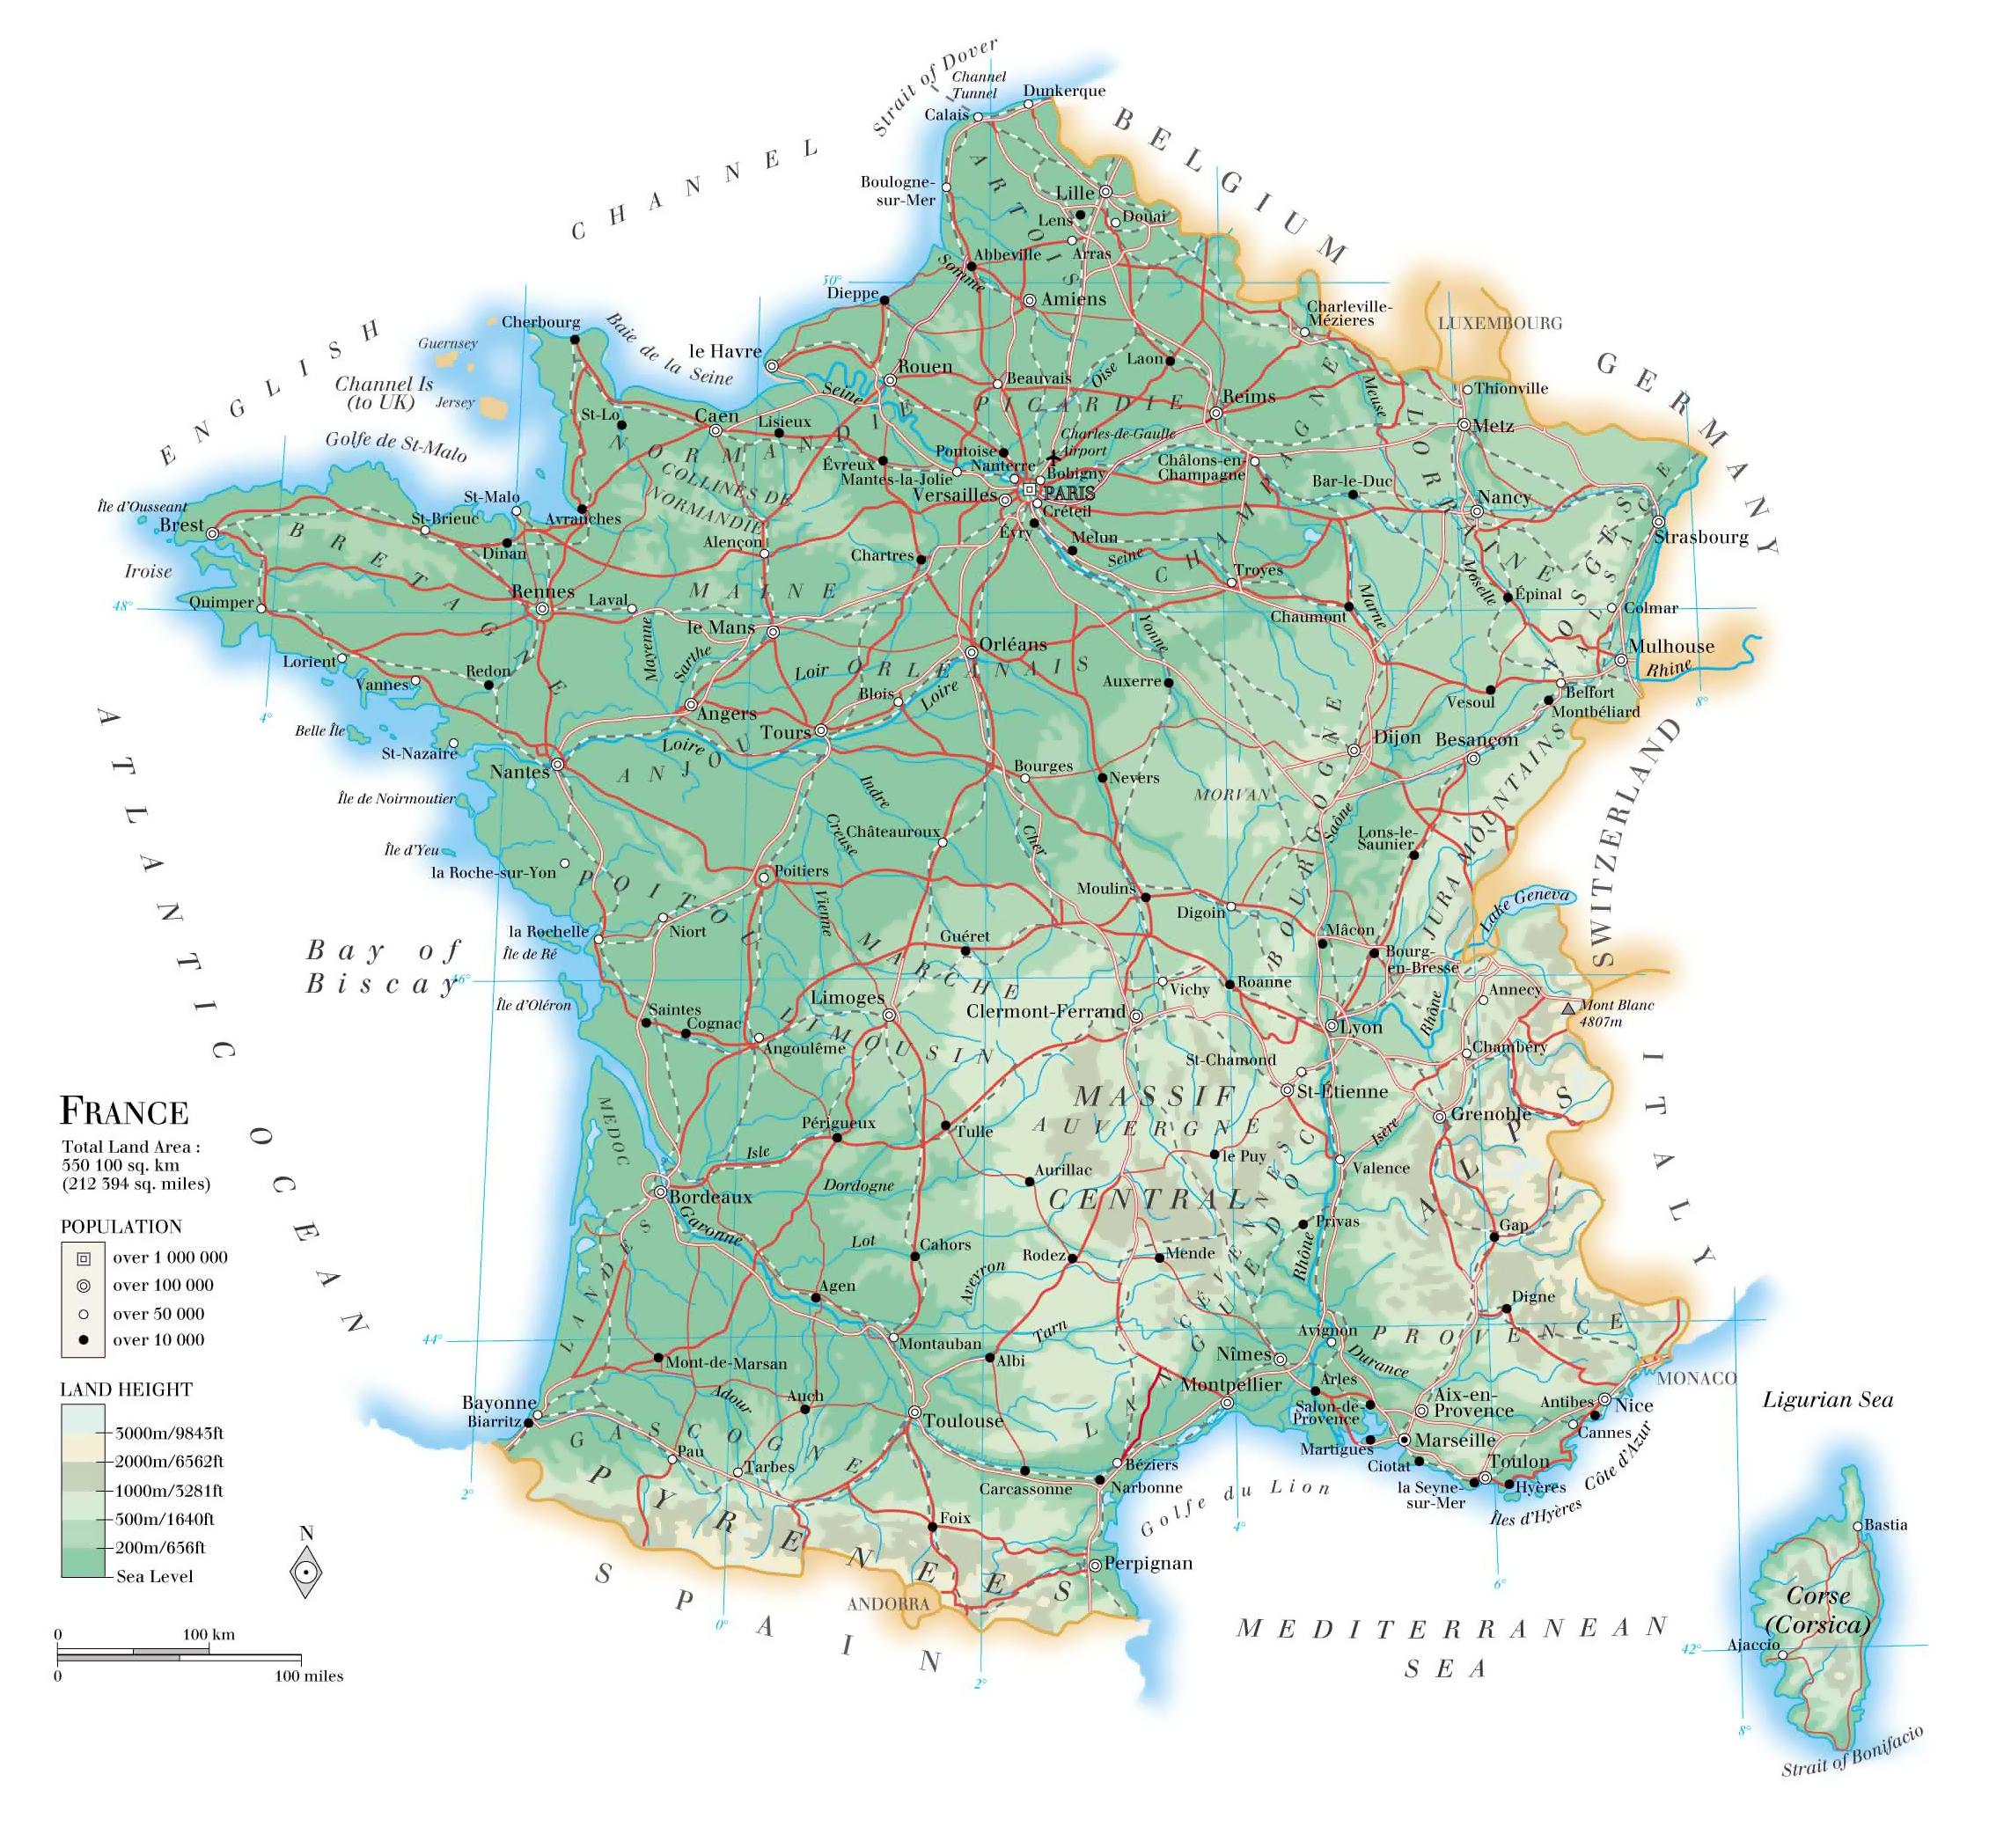 Mapa Sur De Francia Ciudades.Mapa Fisico Detallado De Francia Con Carreteras Ciudades Y